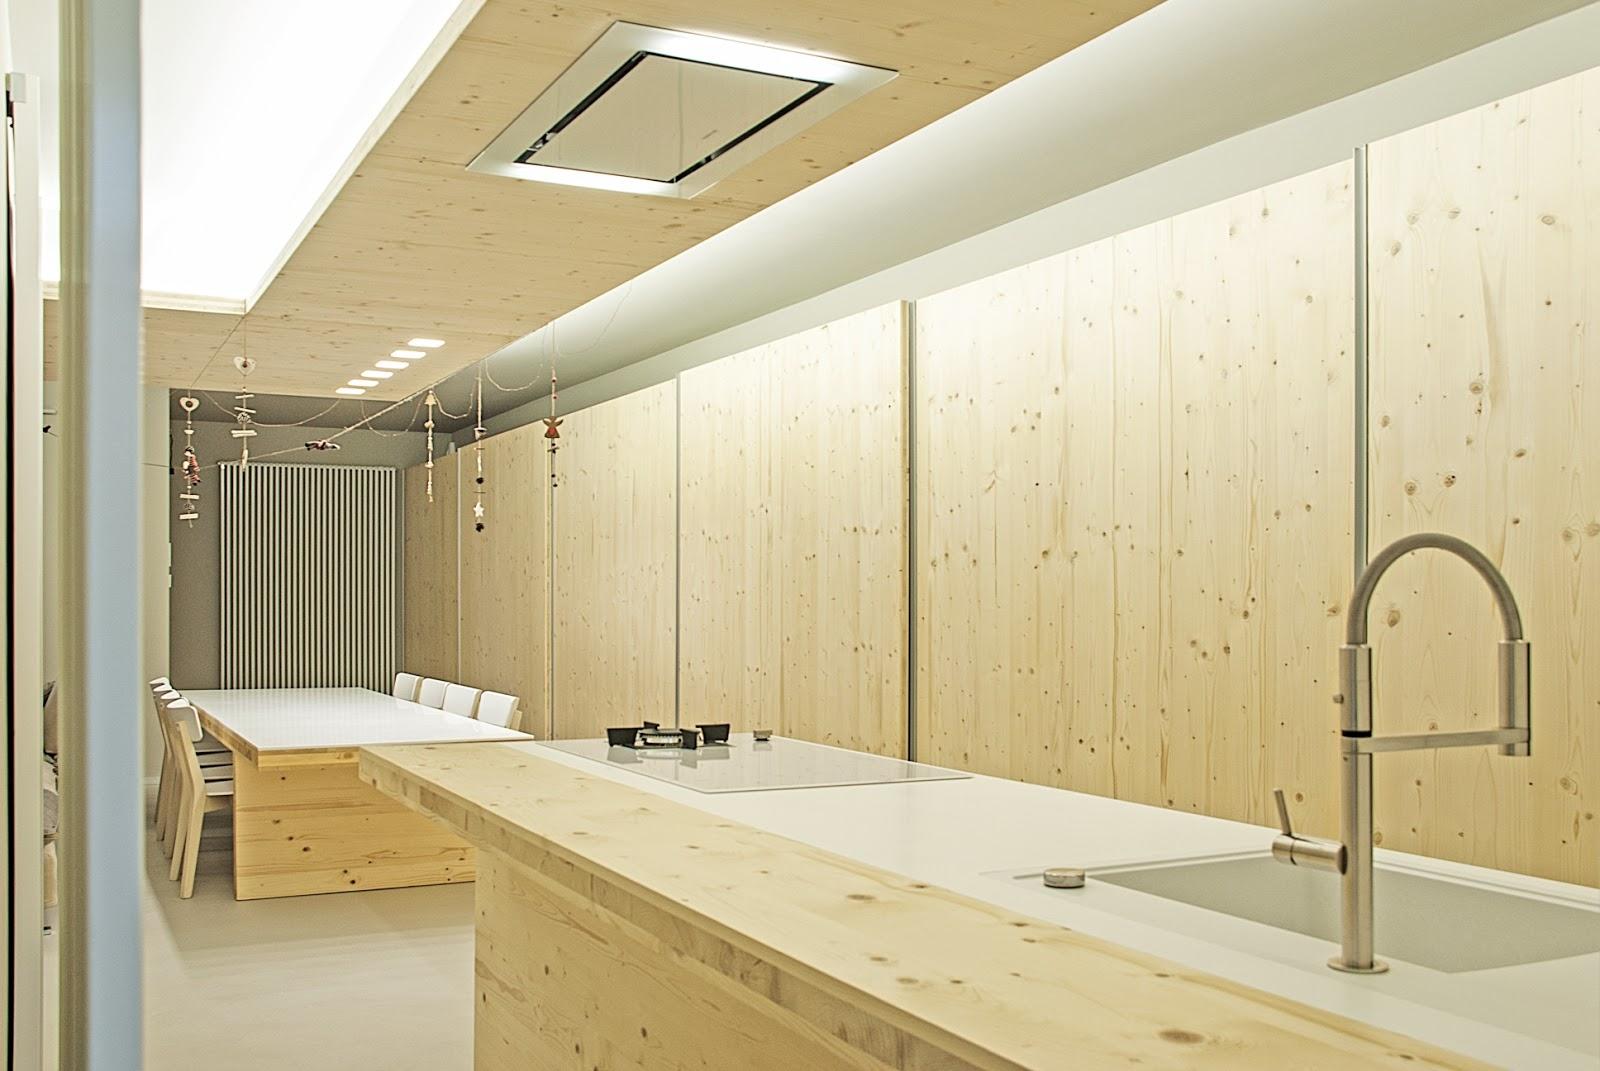 Es house studio di architettura a verona case passive in legno e ristrutturazioni minimal for Costruire un nuovo processo di prestito a casa